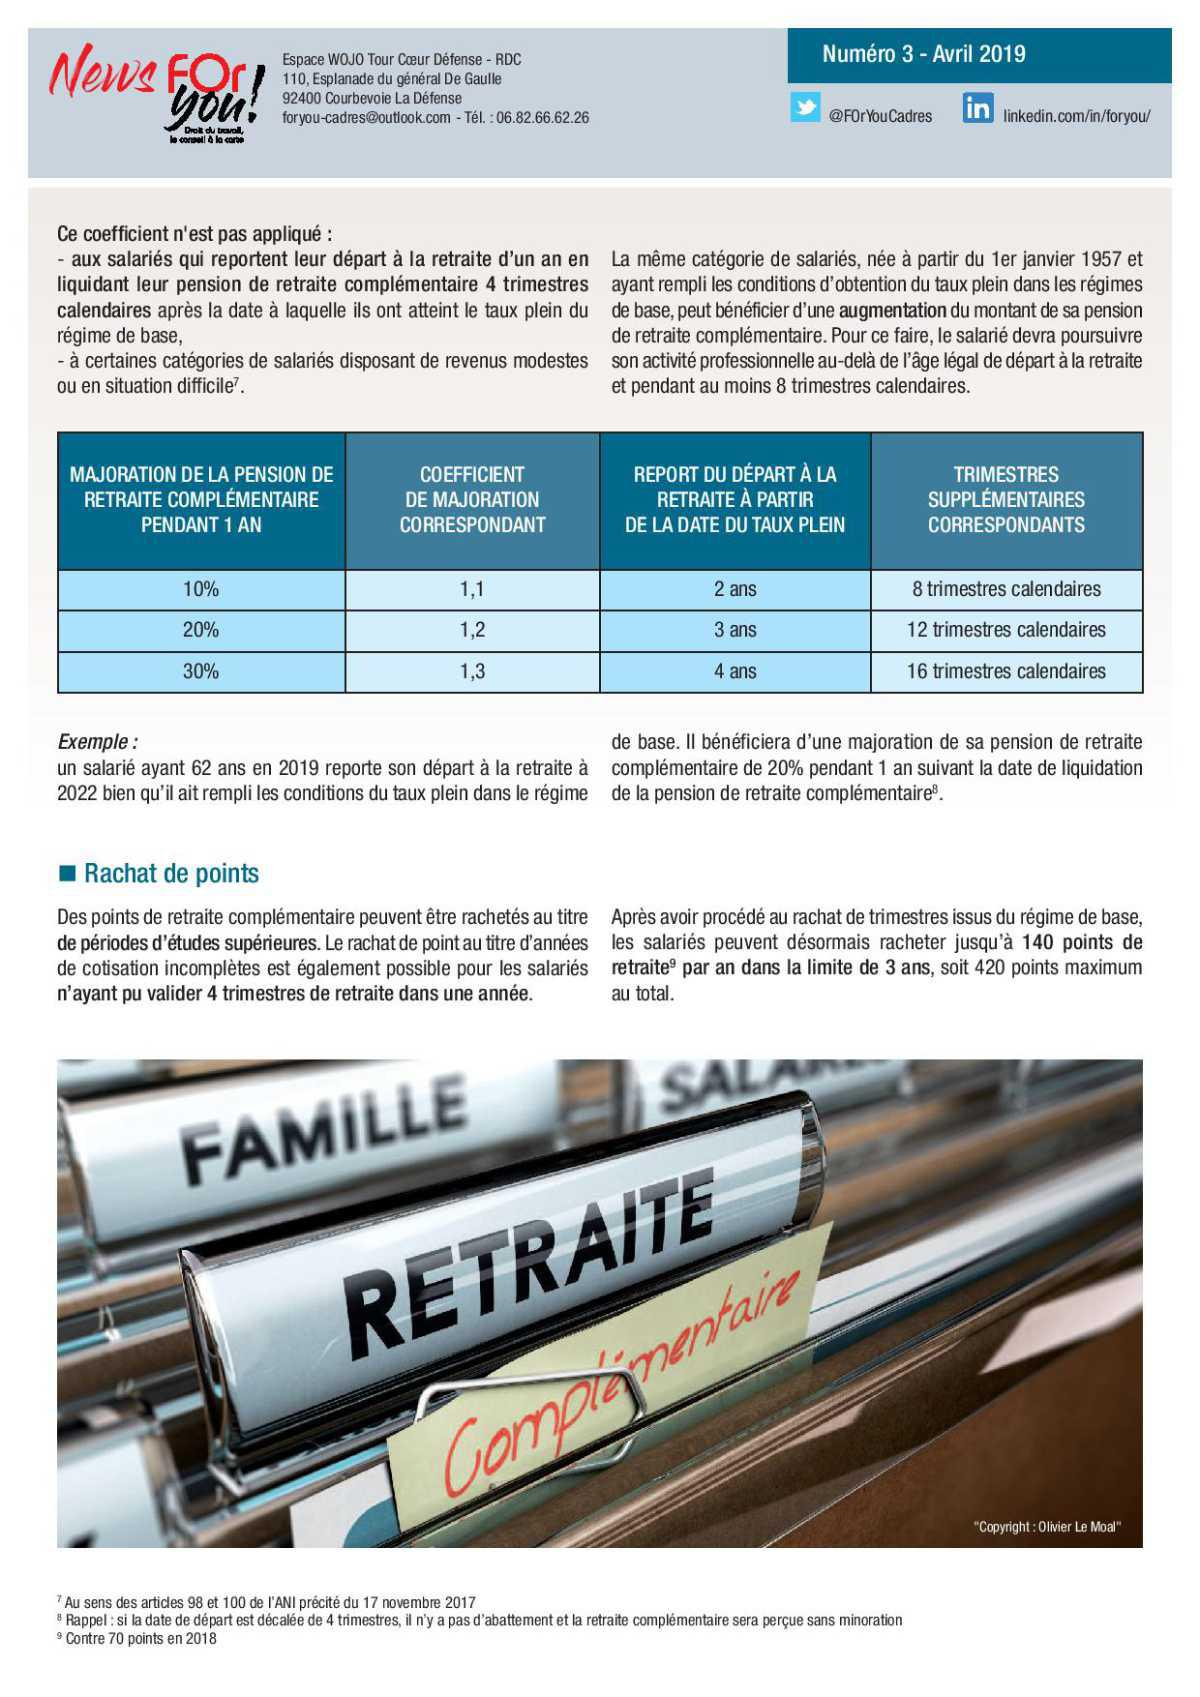 FUSION AGIRC-ARRCO : un nouveau régime de retraite complémentaire